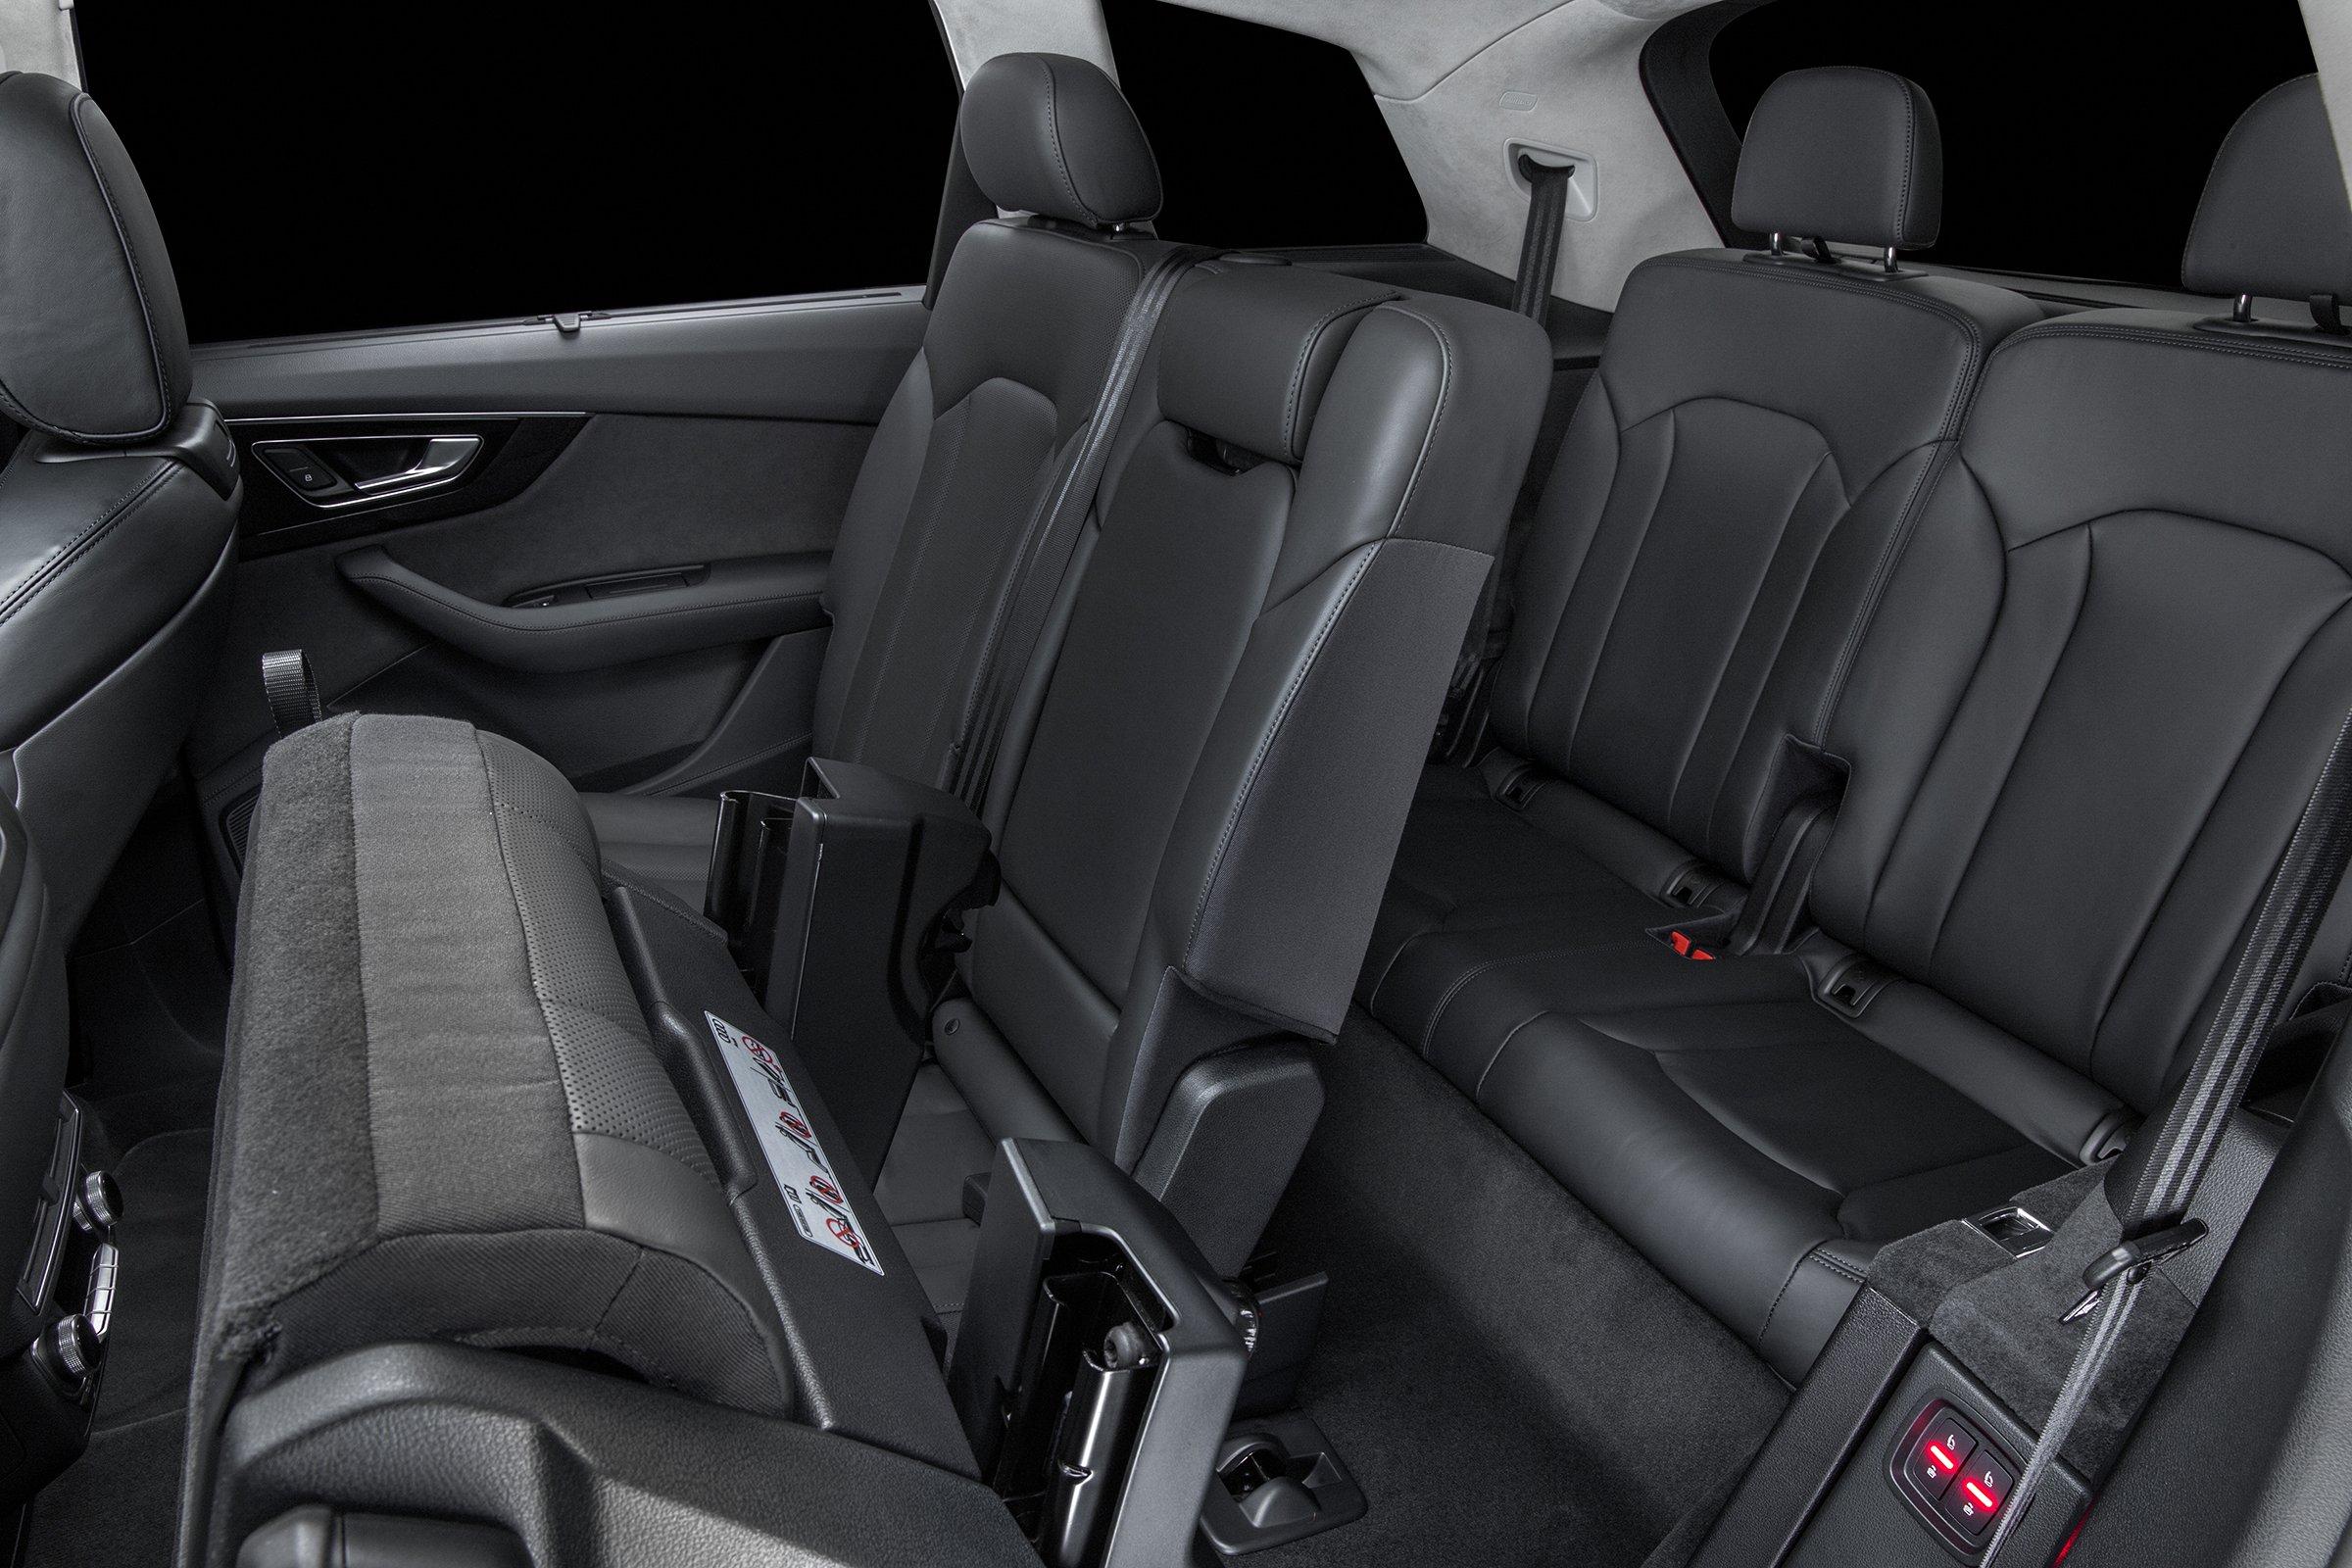 2017 Audi Q7 Interior Seats